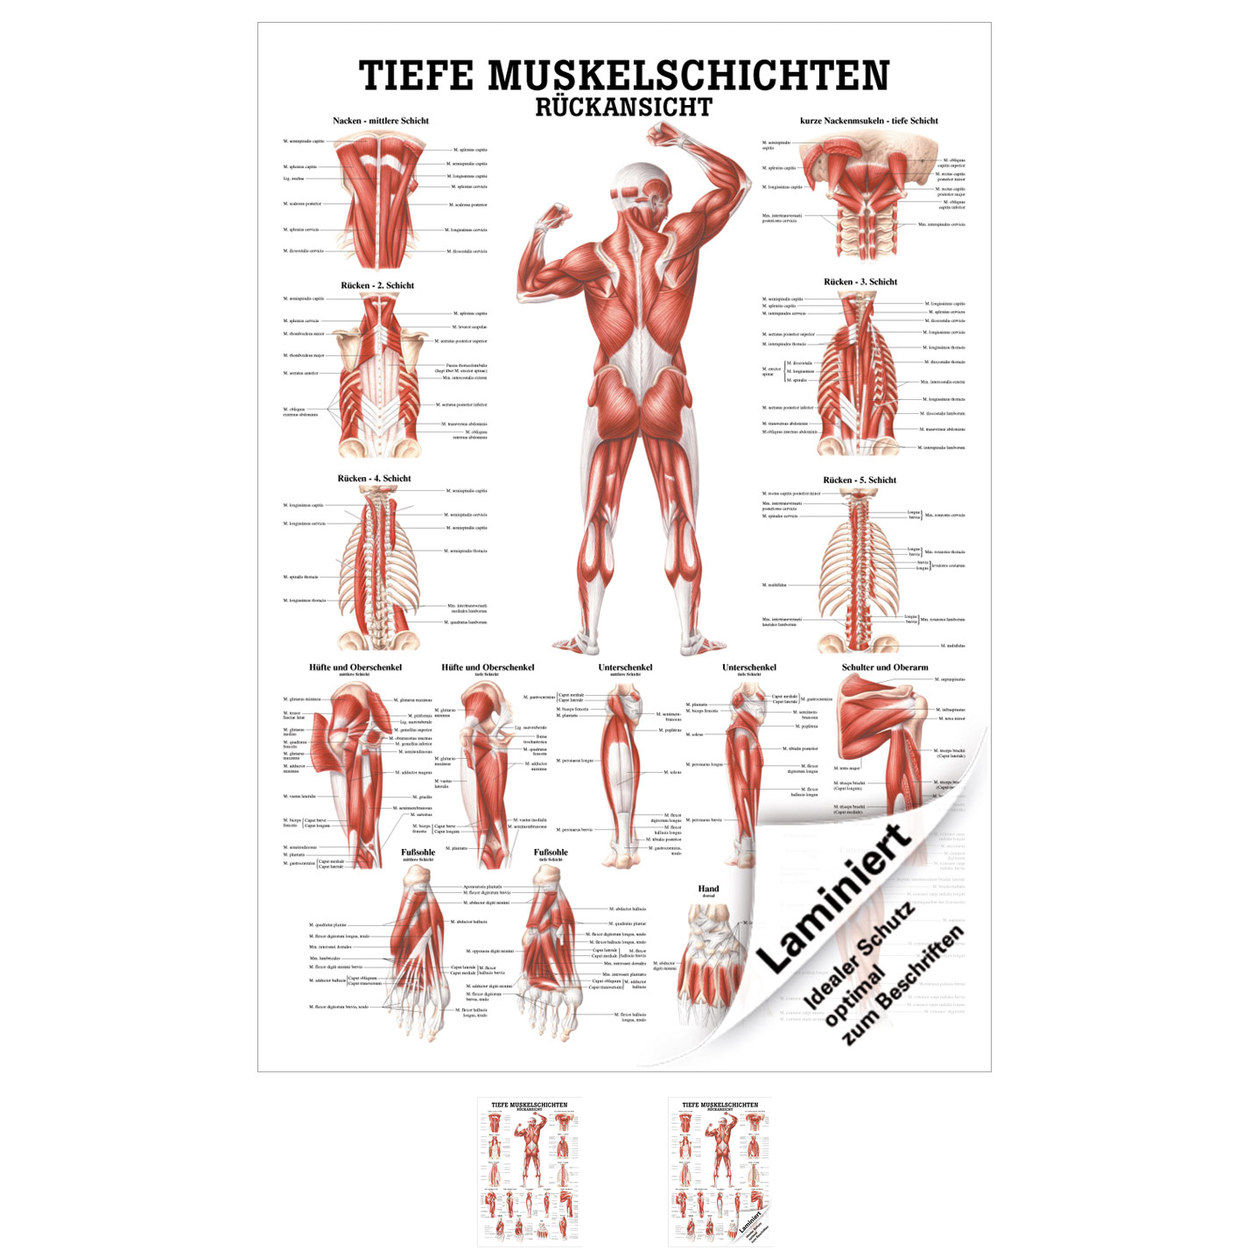 Groß Anatomie Von Rücken Ideen - Anatomie Von Menschlichen ...